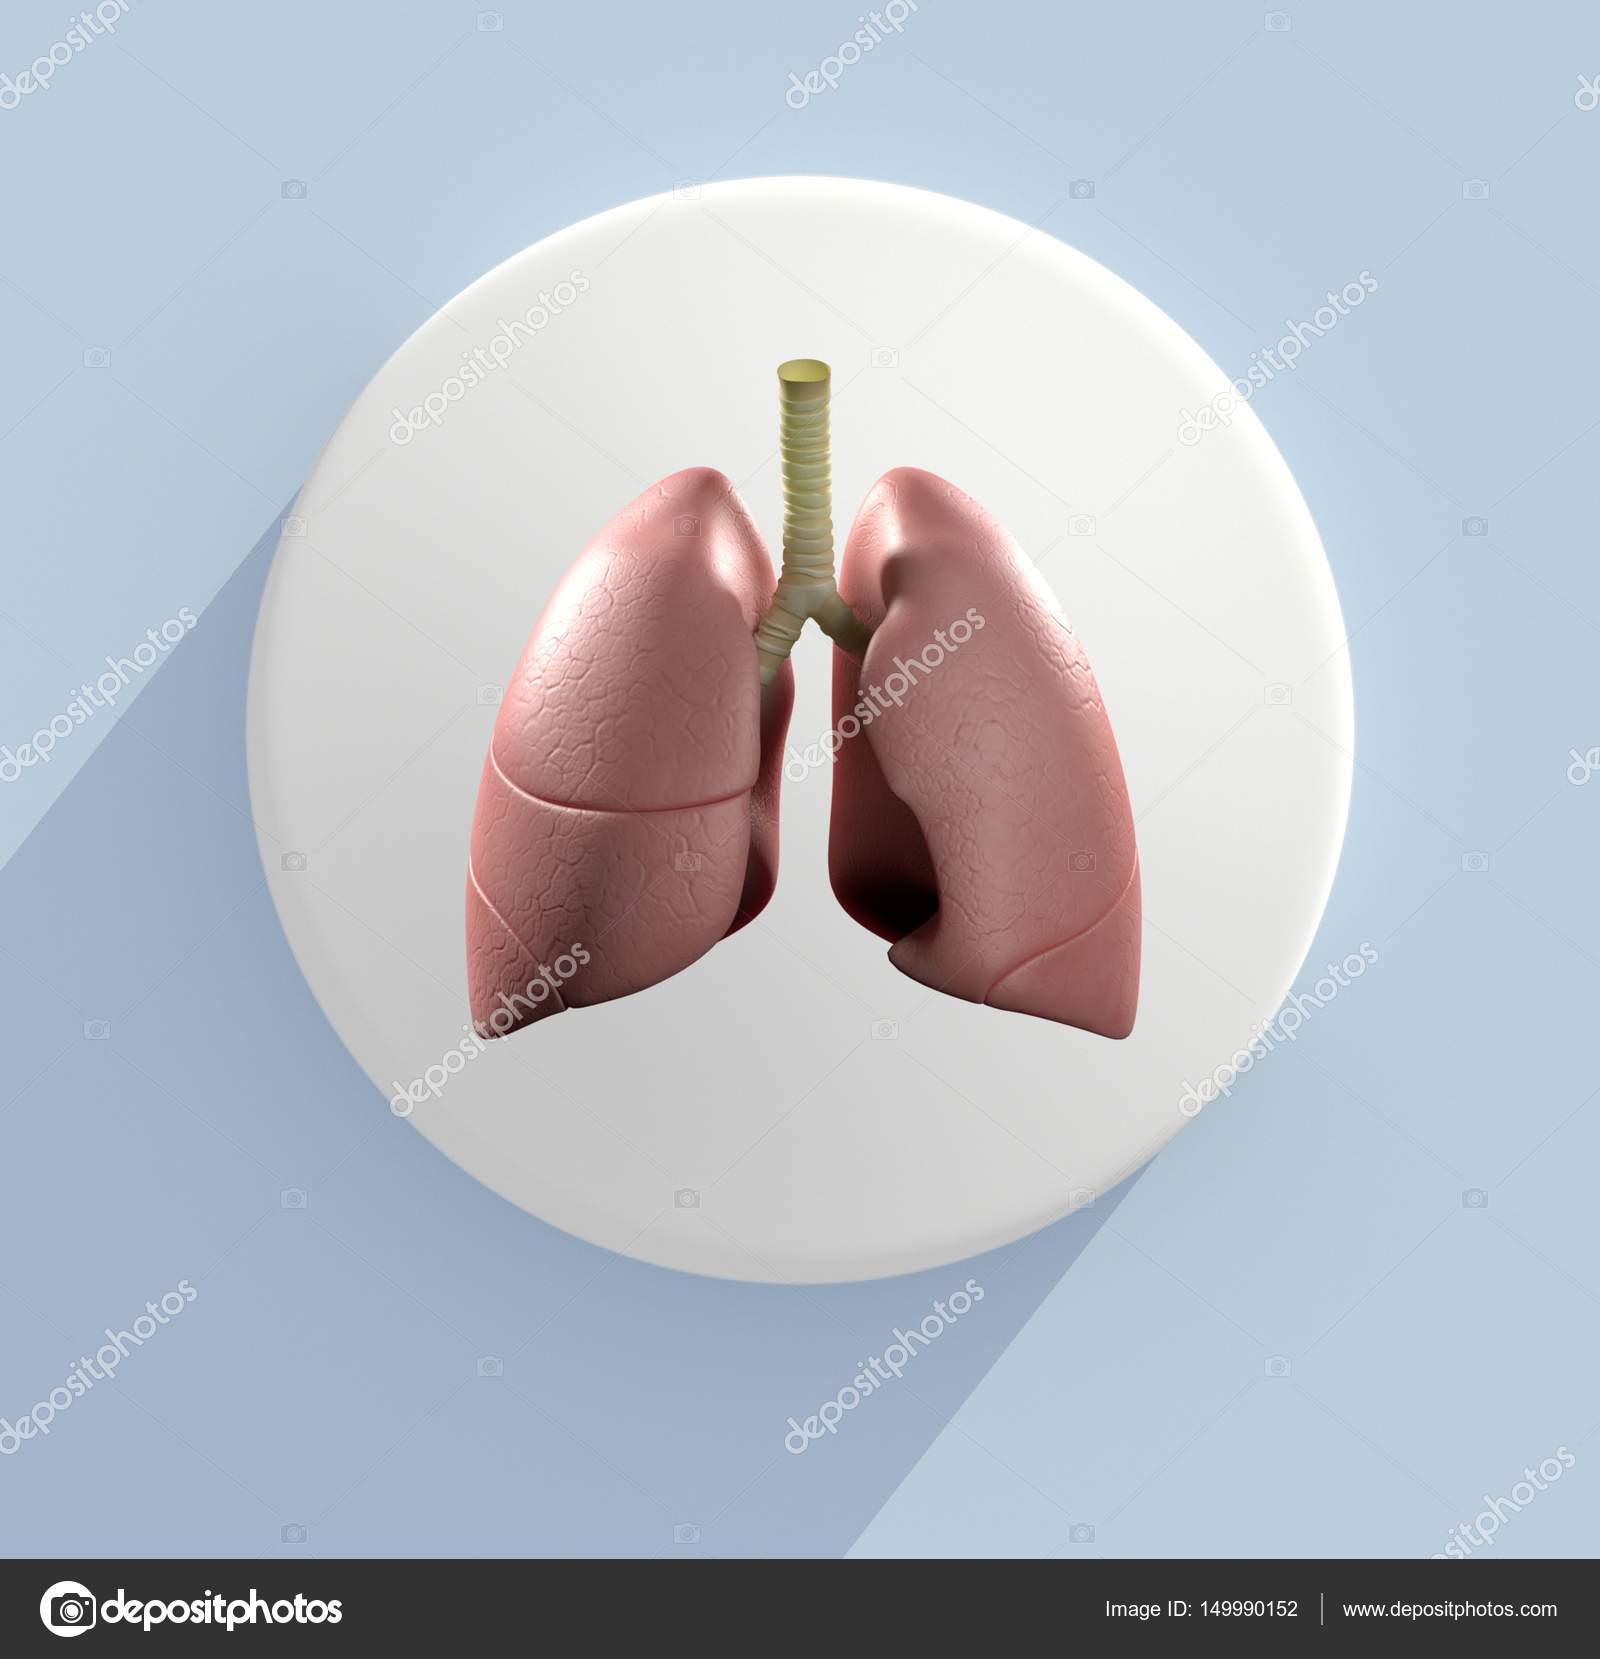 menschliche Lunge Anatomie Modell Symbol — Stockfoto ...